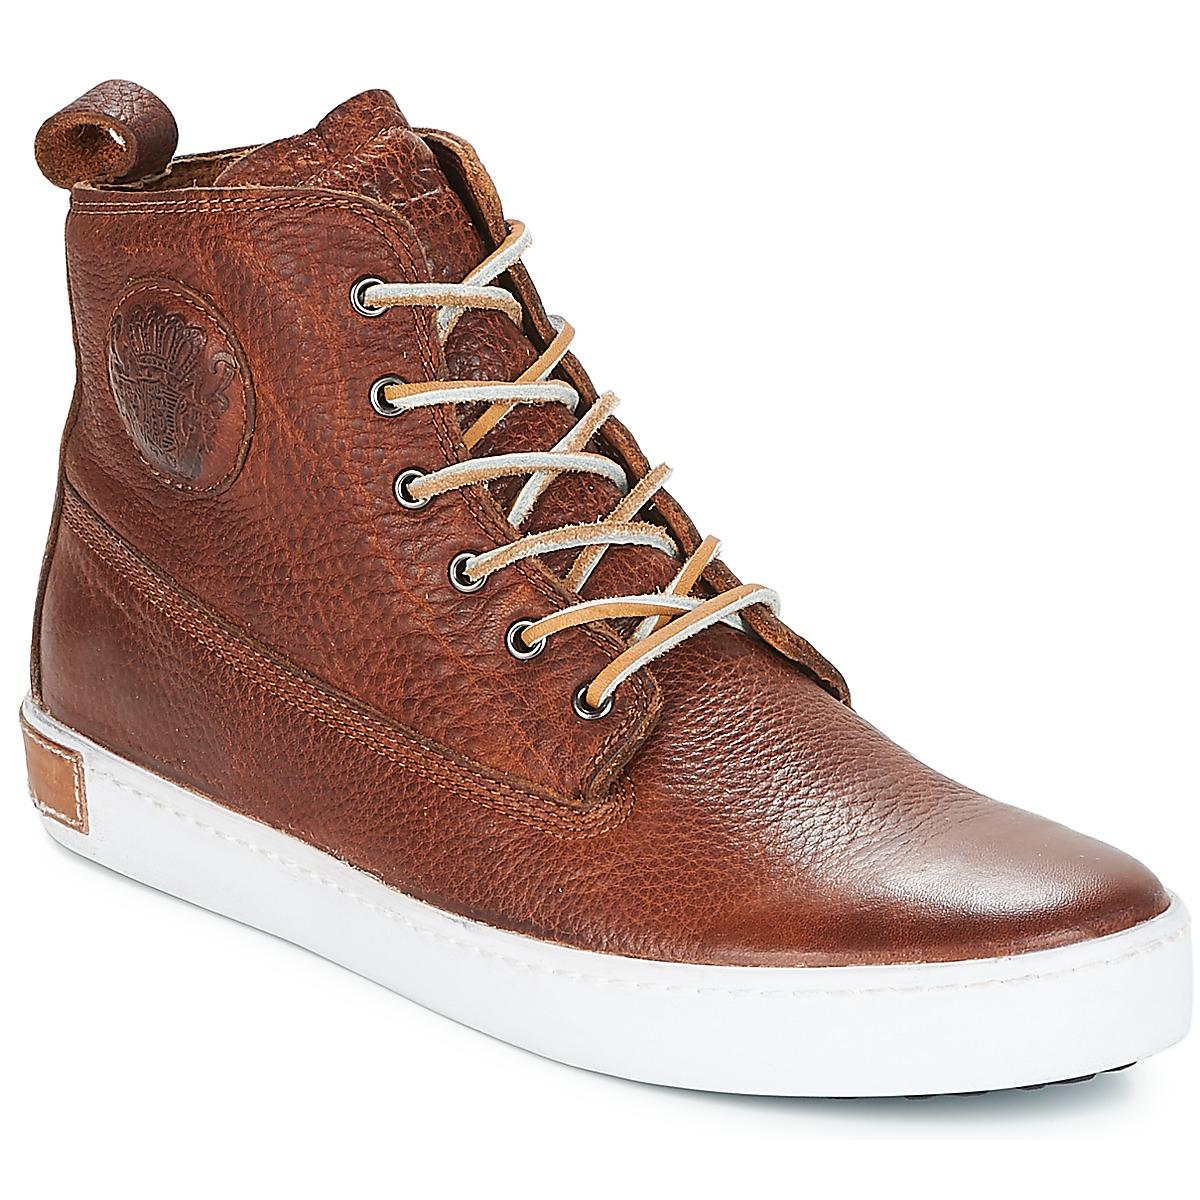 Blackstone INCH WORKER Braun - Kostenloser Versand bei Spartoode ! - Schuhe Sneaker High Herren 159,00 €